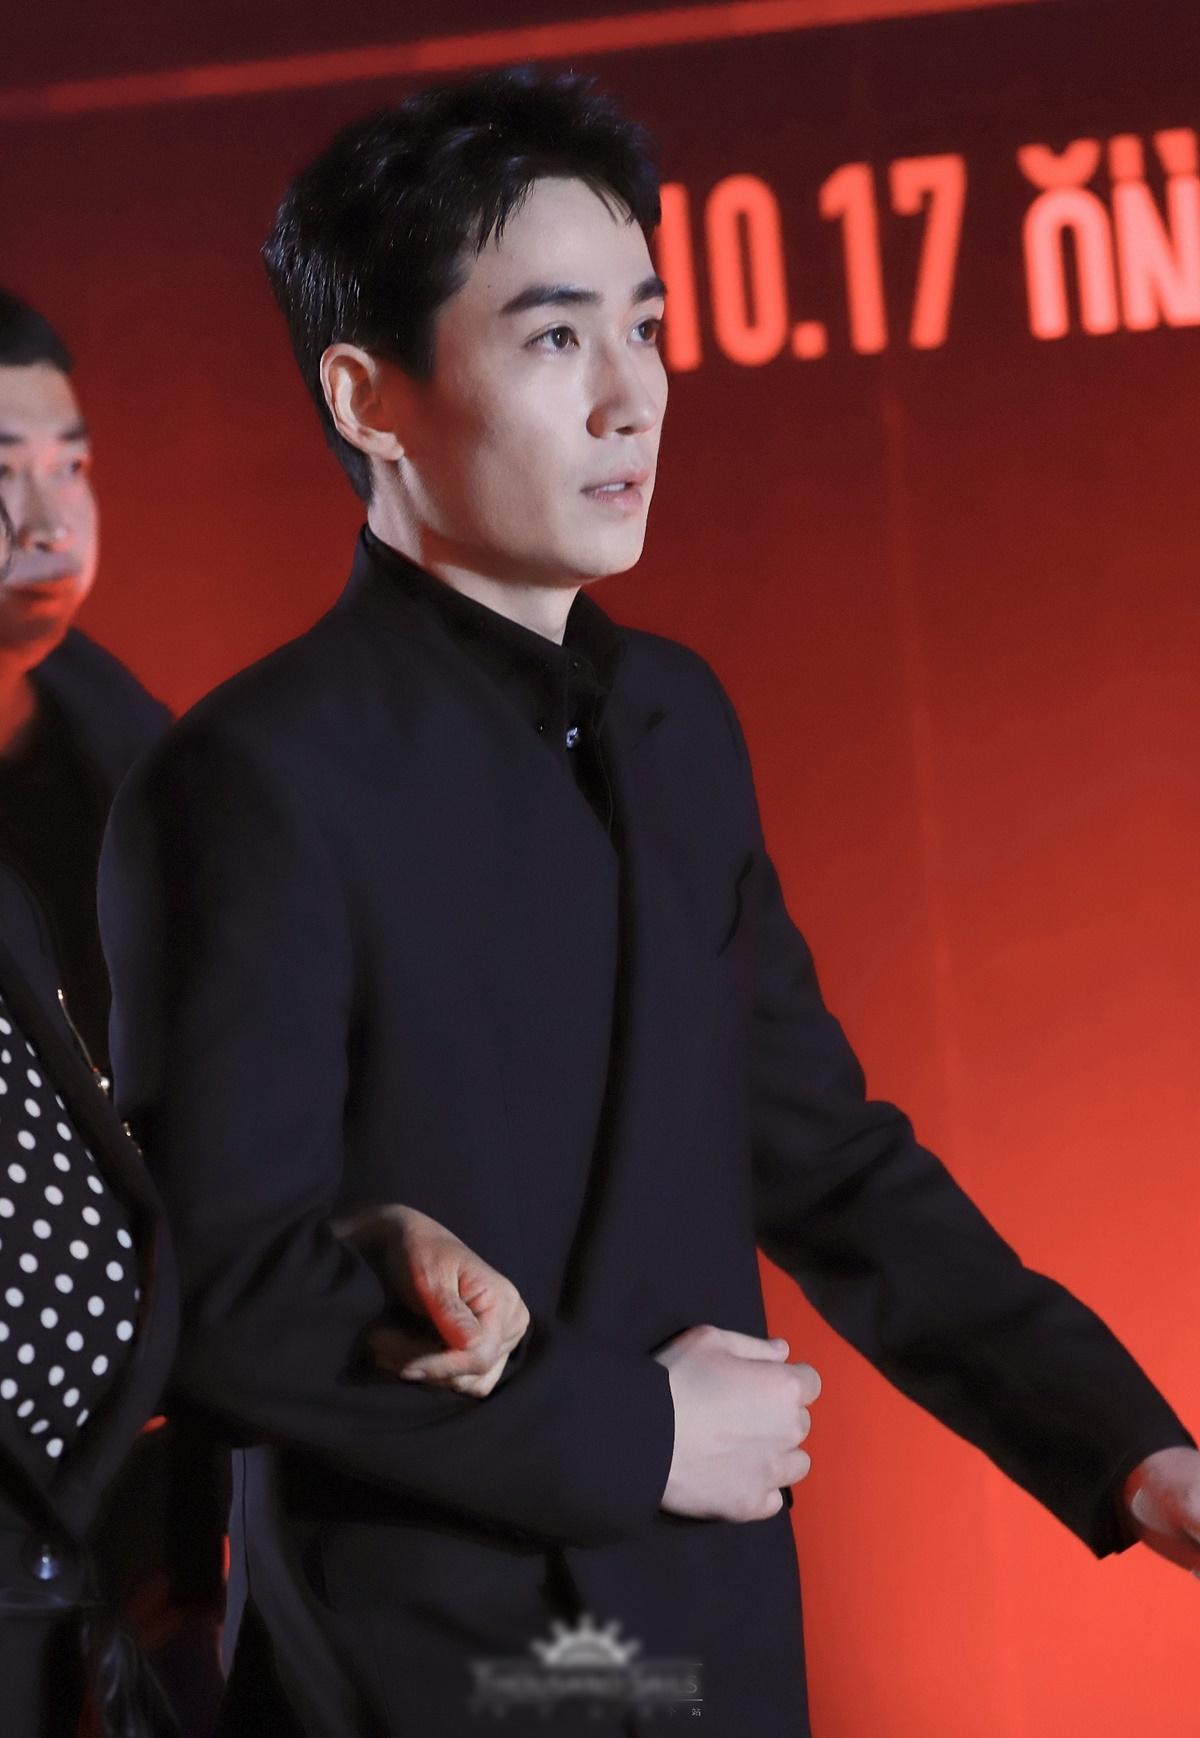 Chu Nhất Long lần đầu dự sự kiện công khai sau scandal bí mật lấy vợ sinh con.